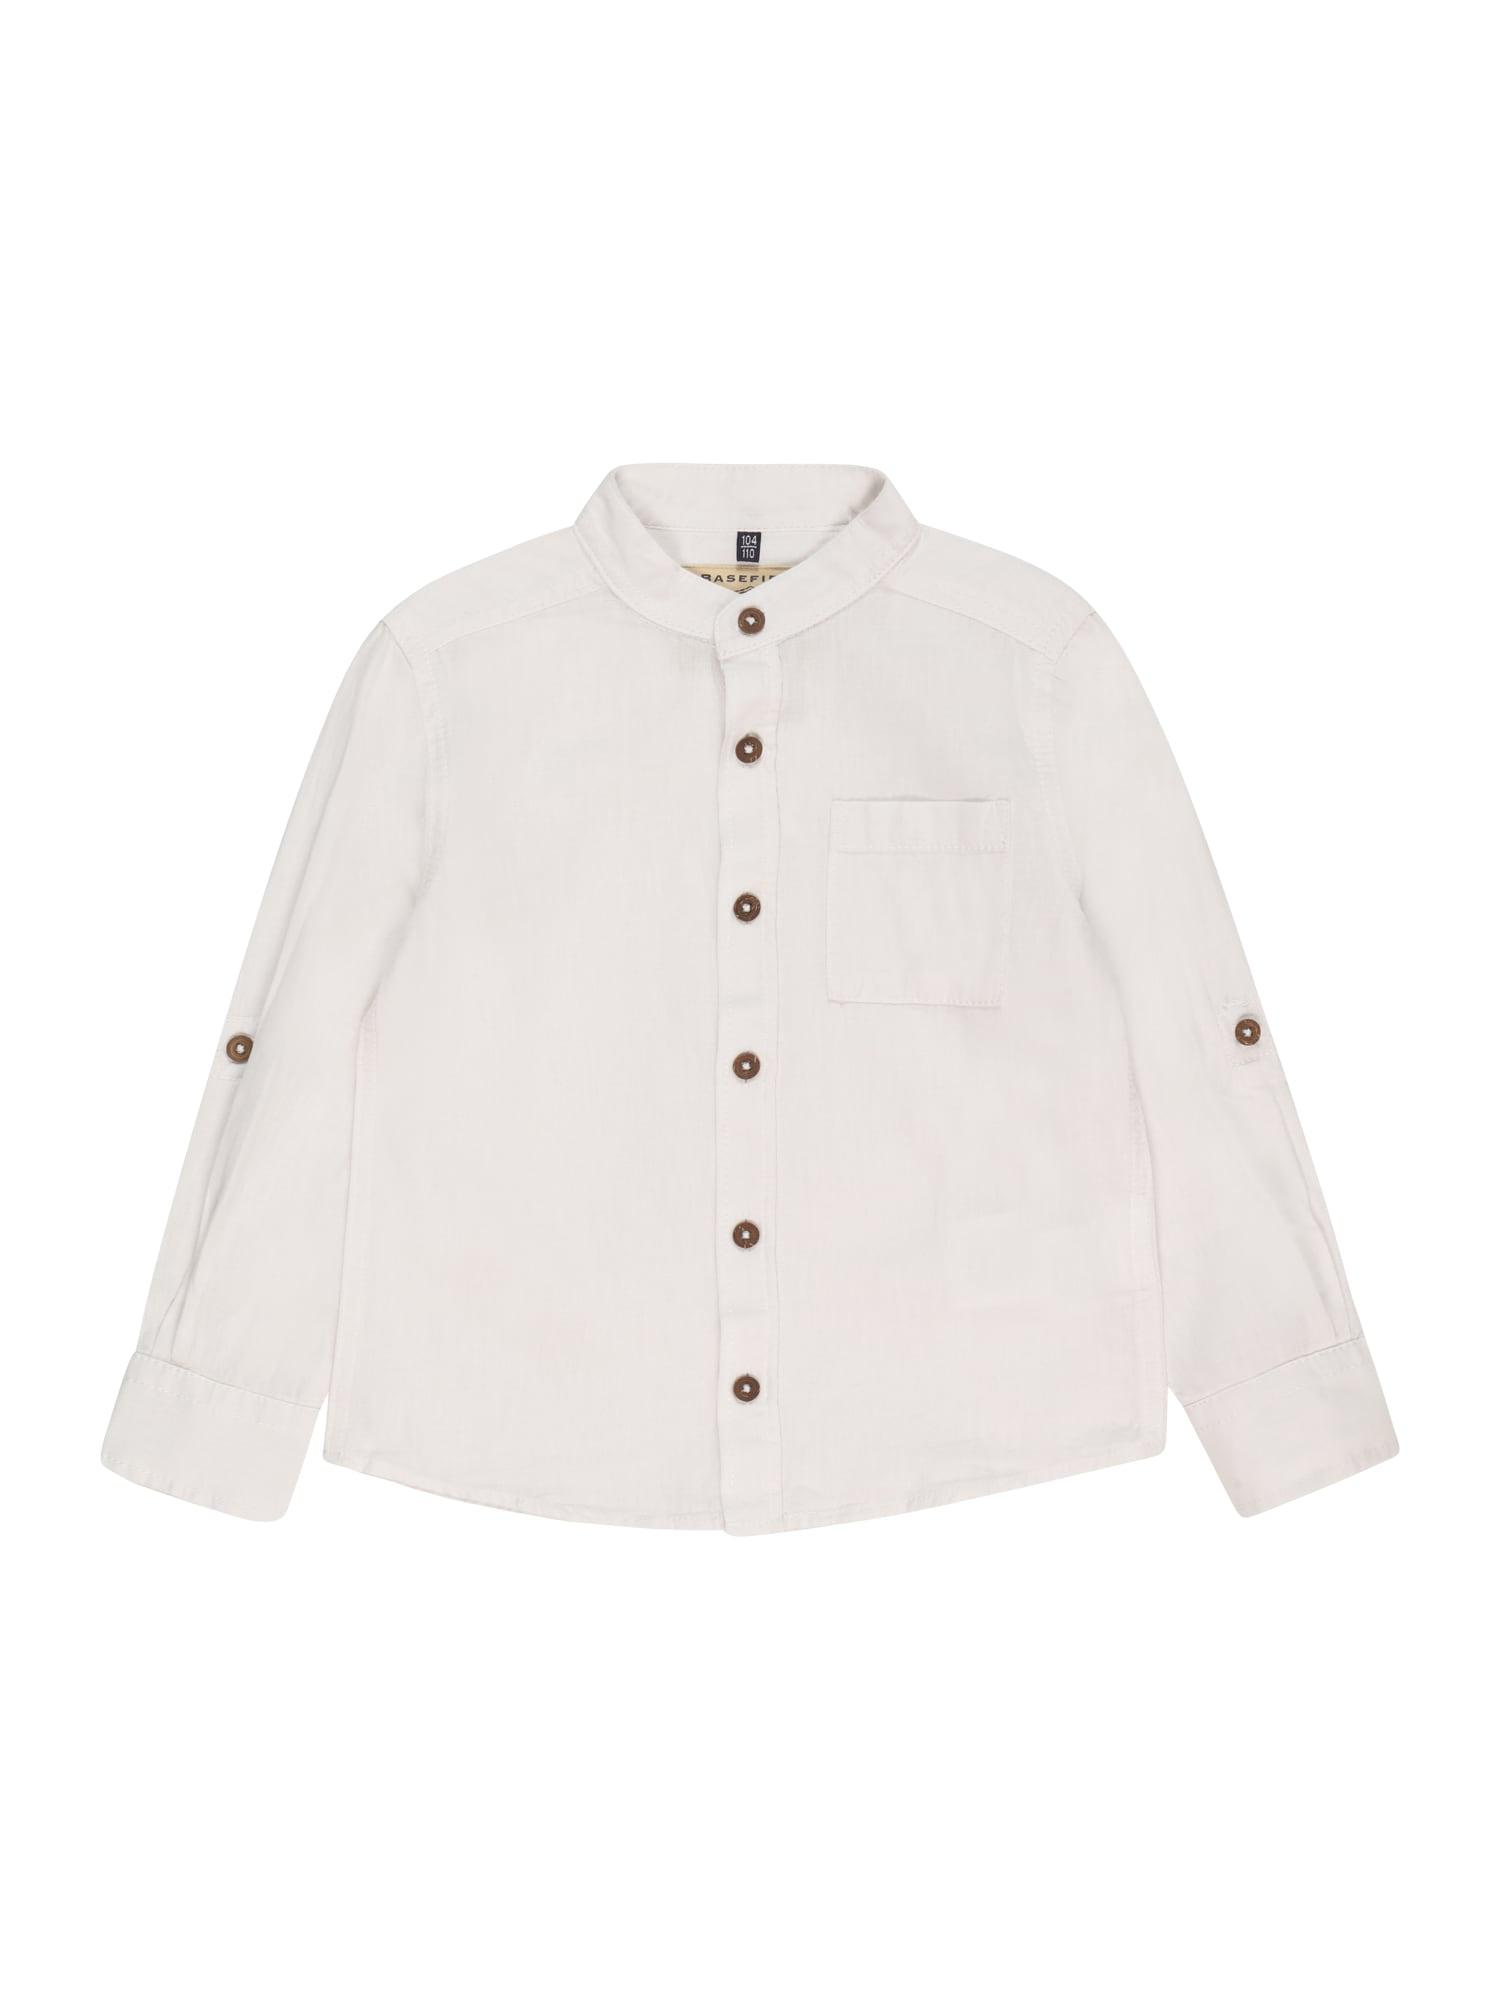 BASEFIELD Marškiniai balkšva